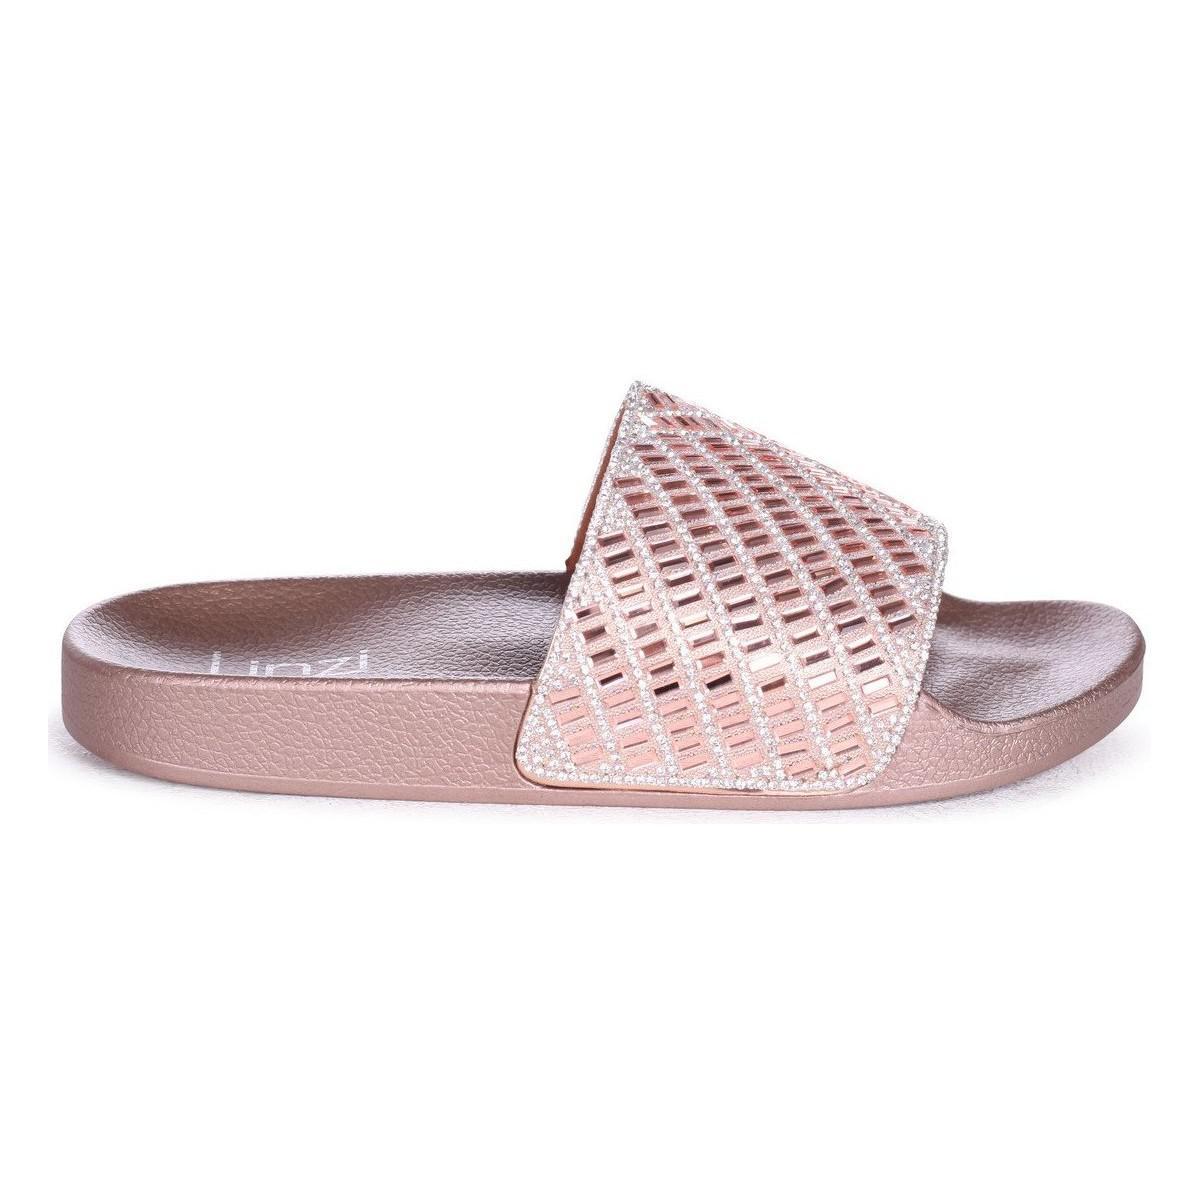 8a5da92cc7013a Linzi Solitaire Women s Mules   Casual Shoes In Gold in Metallic - Lyst